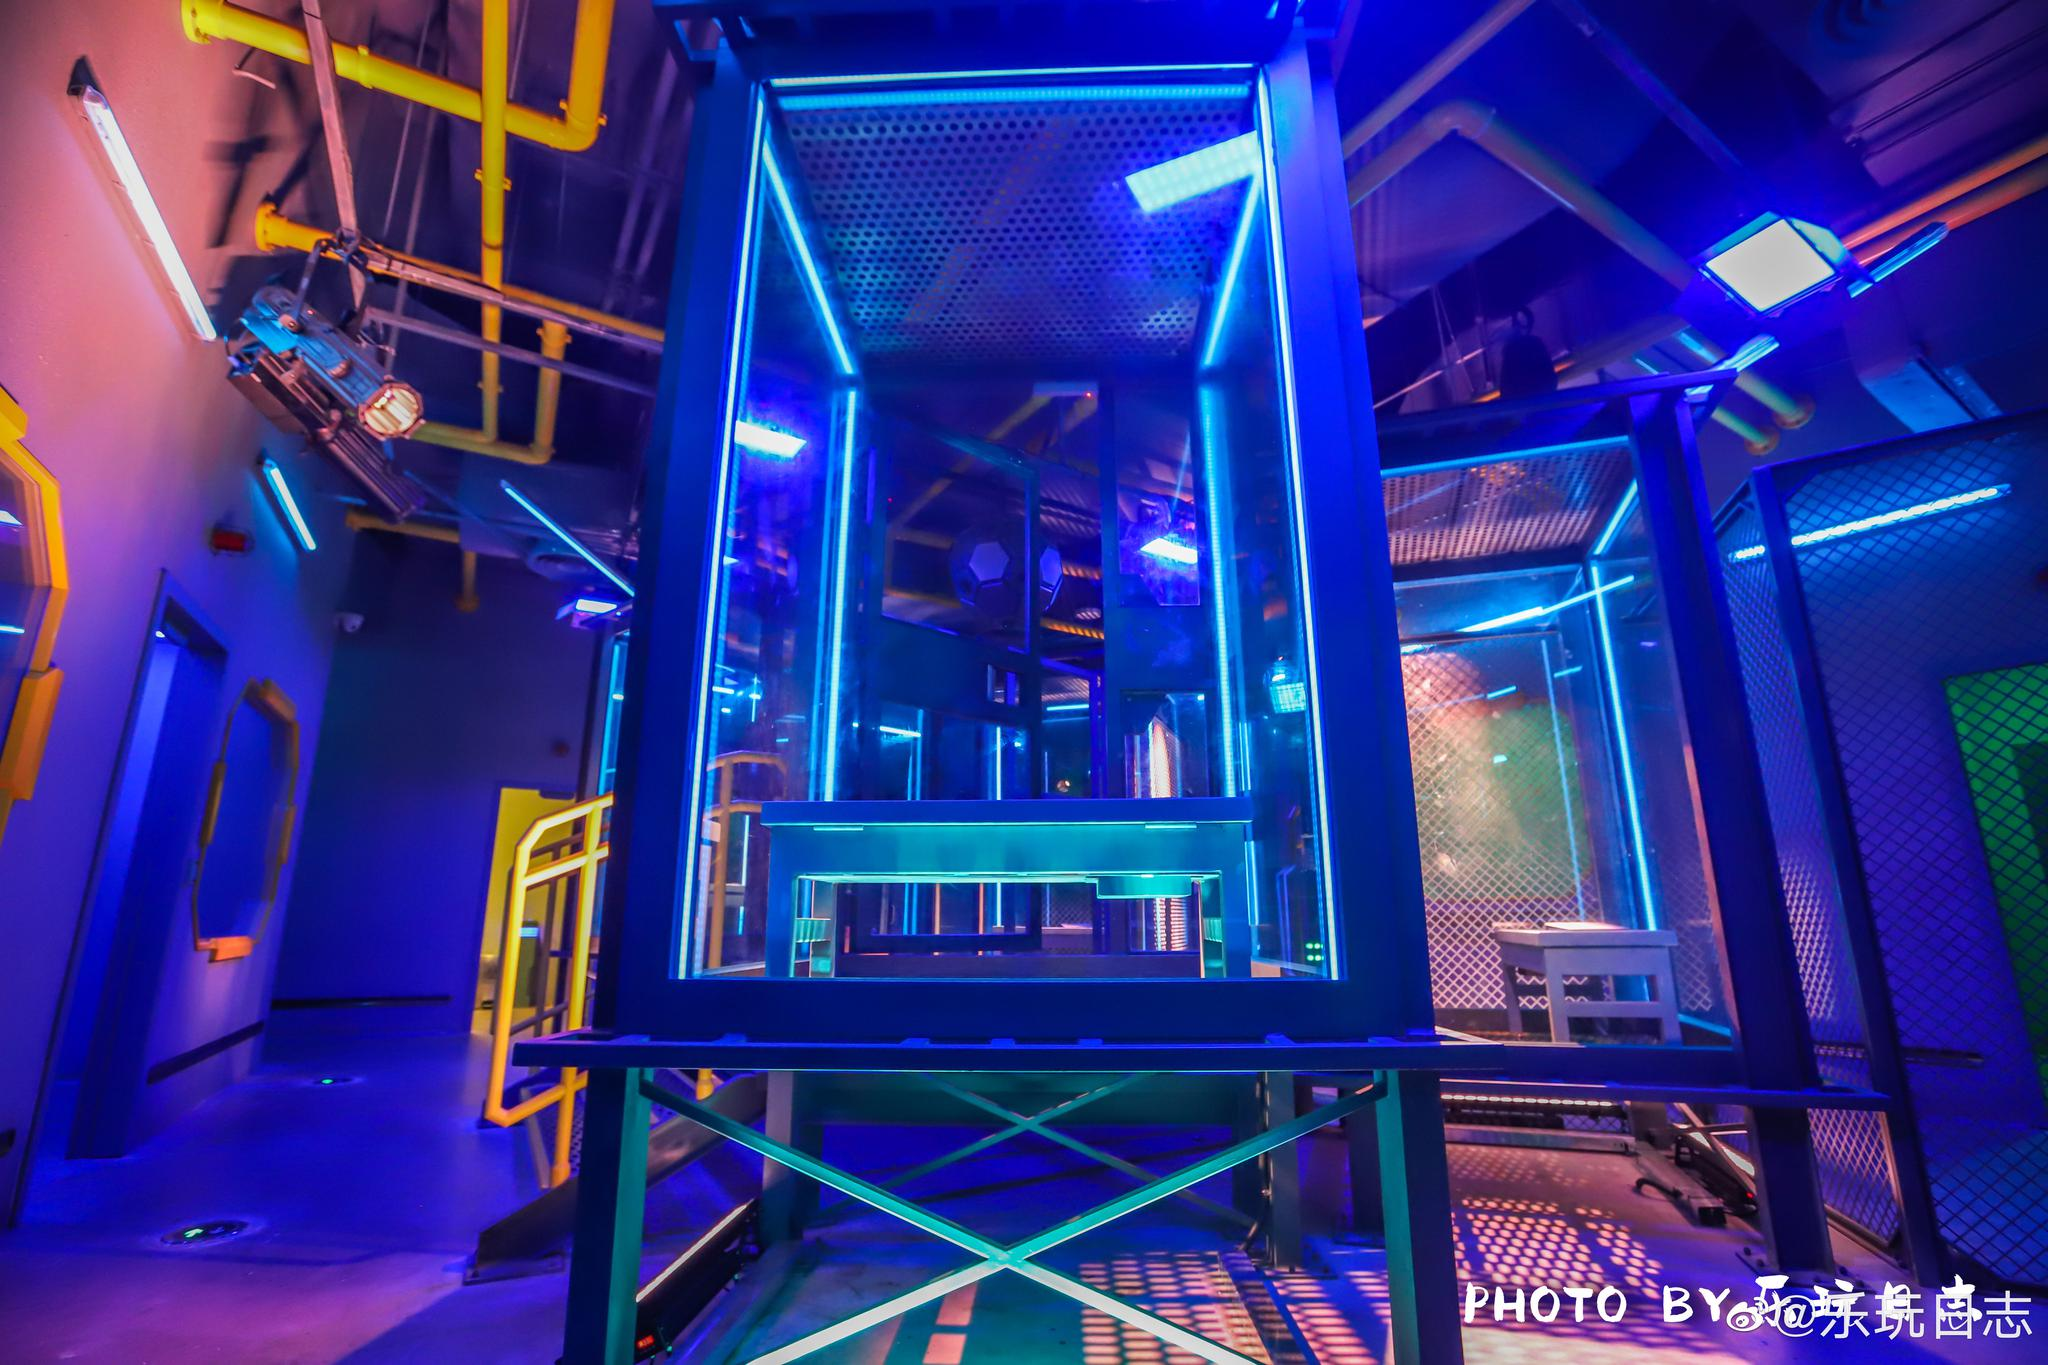 狮门娱乐天地是广东省内首个国际电影主题乐园